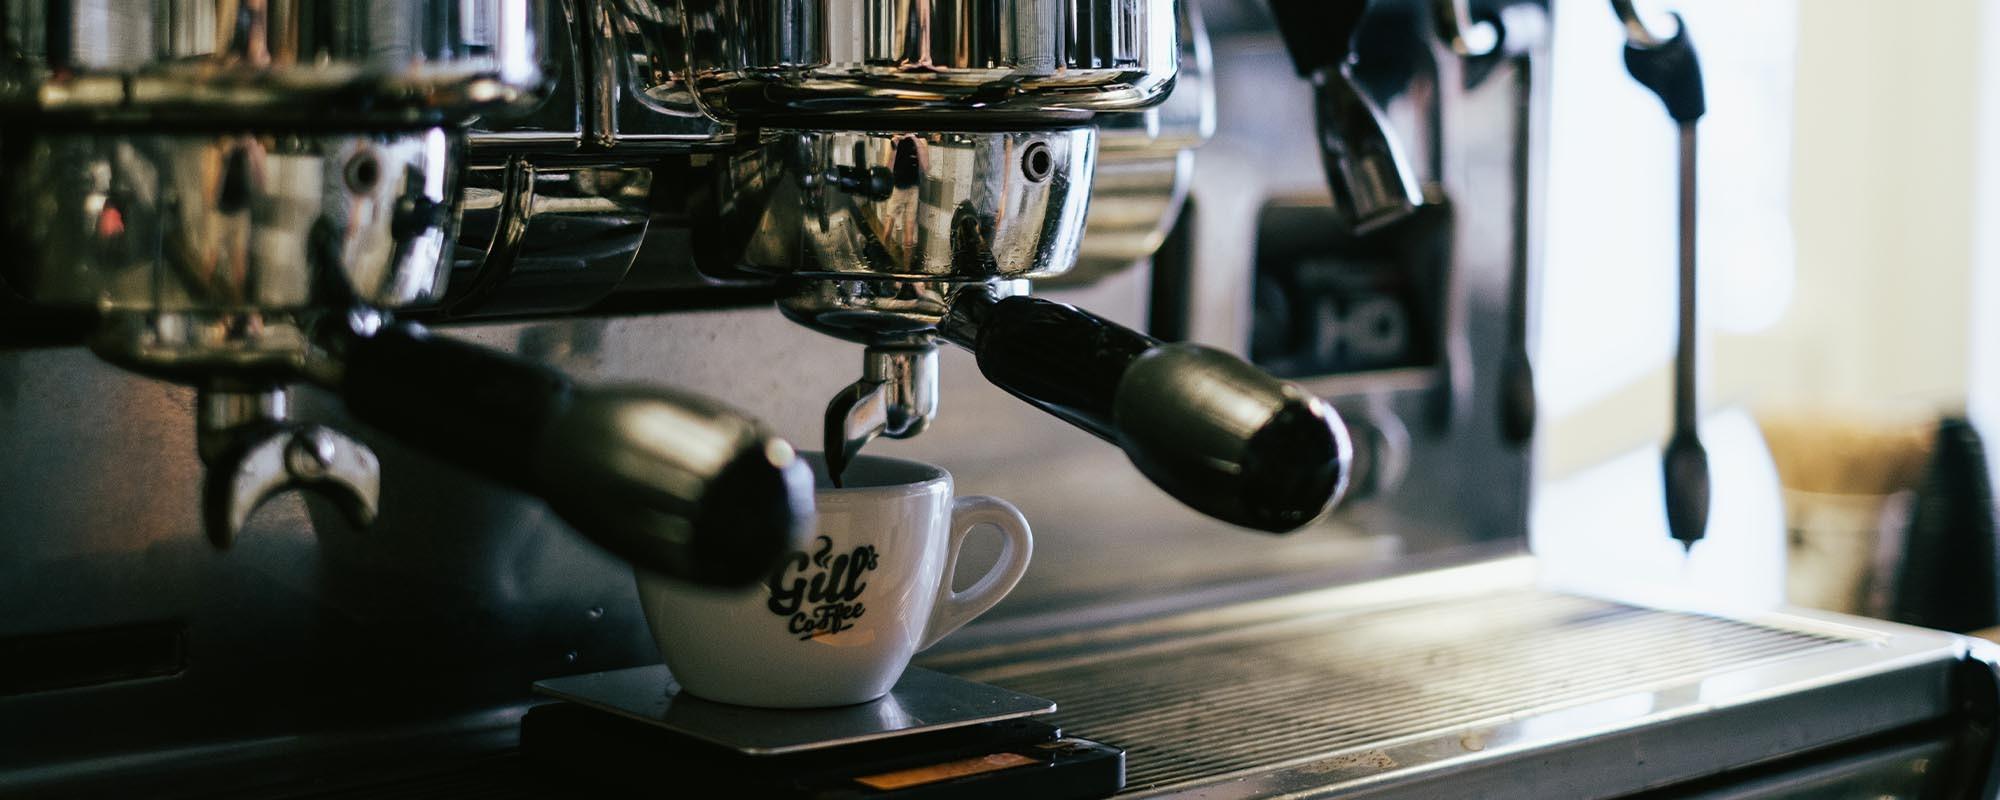 Vychutnejte si naší kávu od našich profesionálů